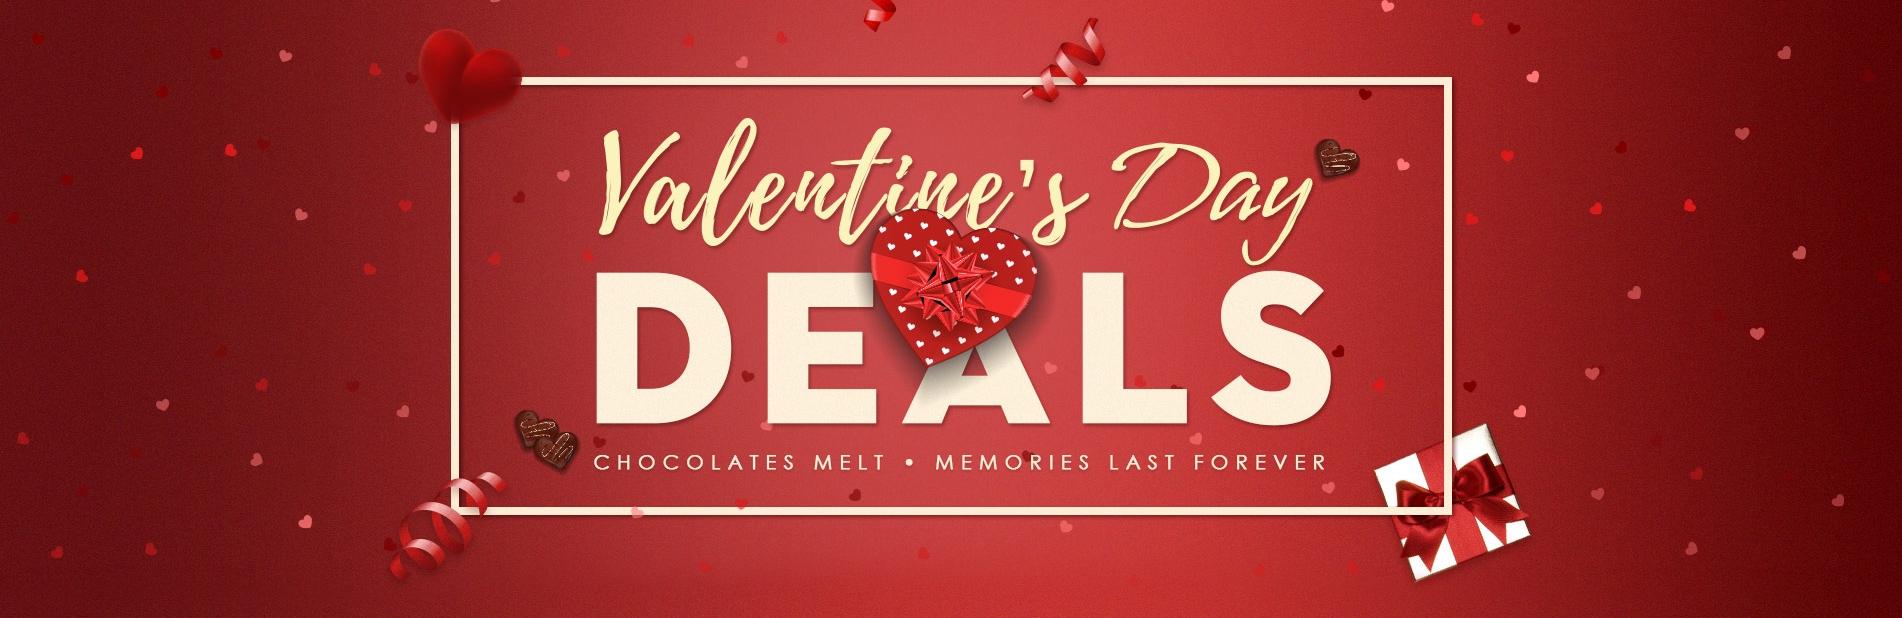 Valentýn se blíží! Zakupte Xiaomi Amazfit GTS a další produkty v akci [sponzorovaný článek]